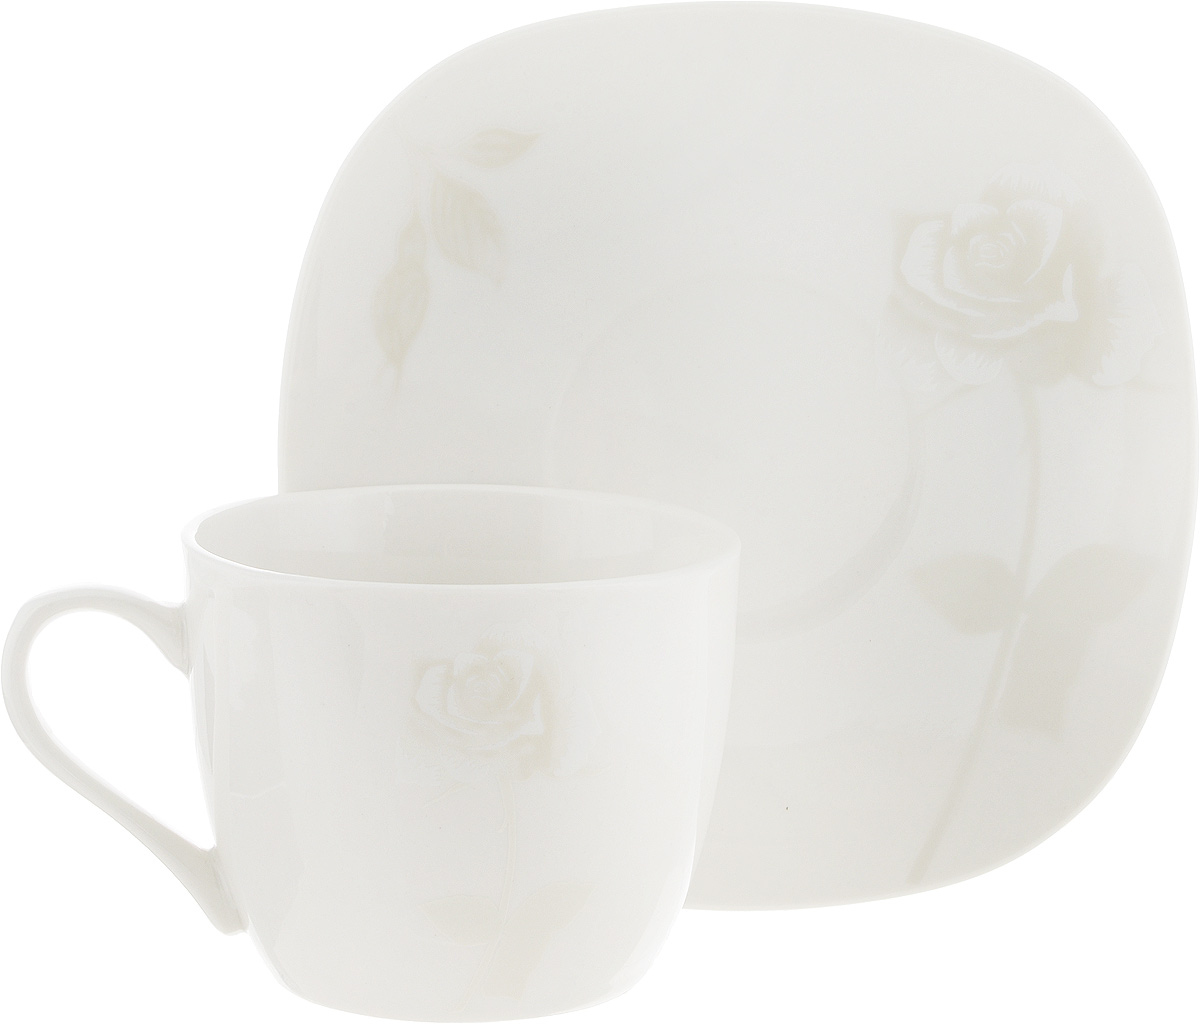 Чайная пара Жемчужная роза, цвет: молочный, 2 предмета300034Чайная пара Жемчужная роза состоит из чашки и блюдца, изготовленных из высококачественной керамики. Красочность оформления придется по вкусу ценителям утонченности и изысканности. Диаметр чашки по верхнему краю:8 см. Высота чашки: 7 см. Объем чашки: 220 мл. Размер блюдца: 15 см х 15 см.